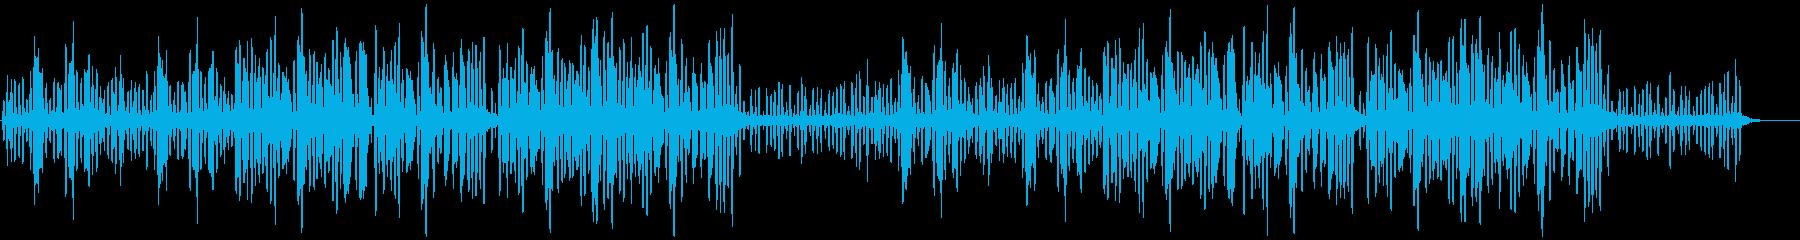 リコーダーの元気で可愛い曲1_ロングの再生済みの波形